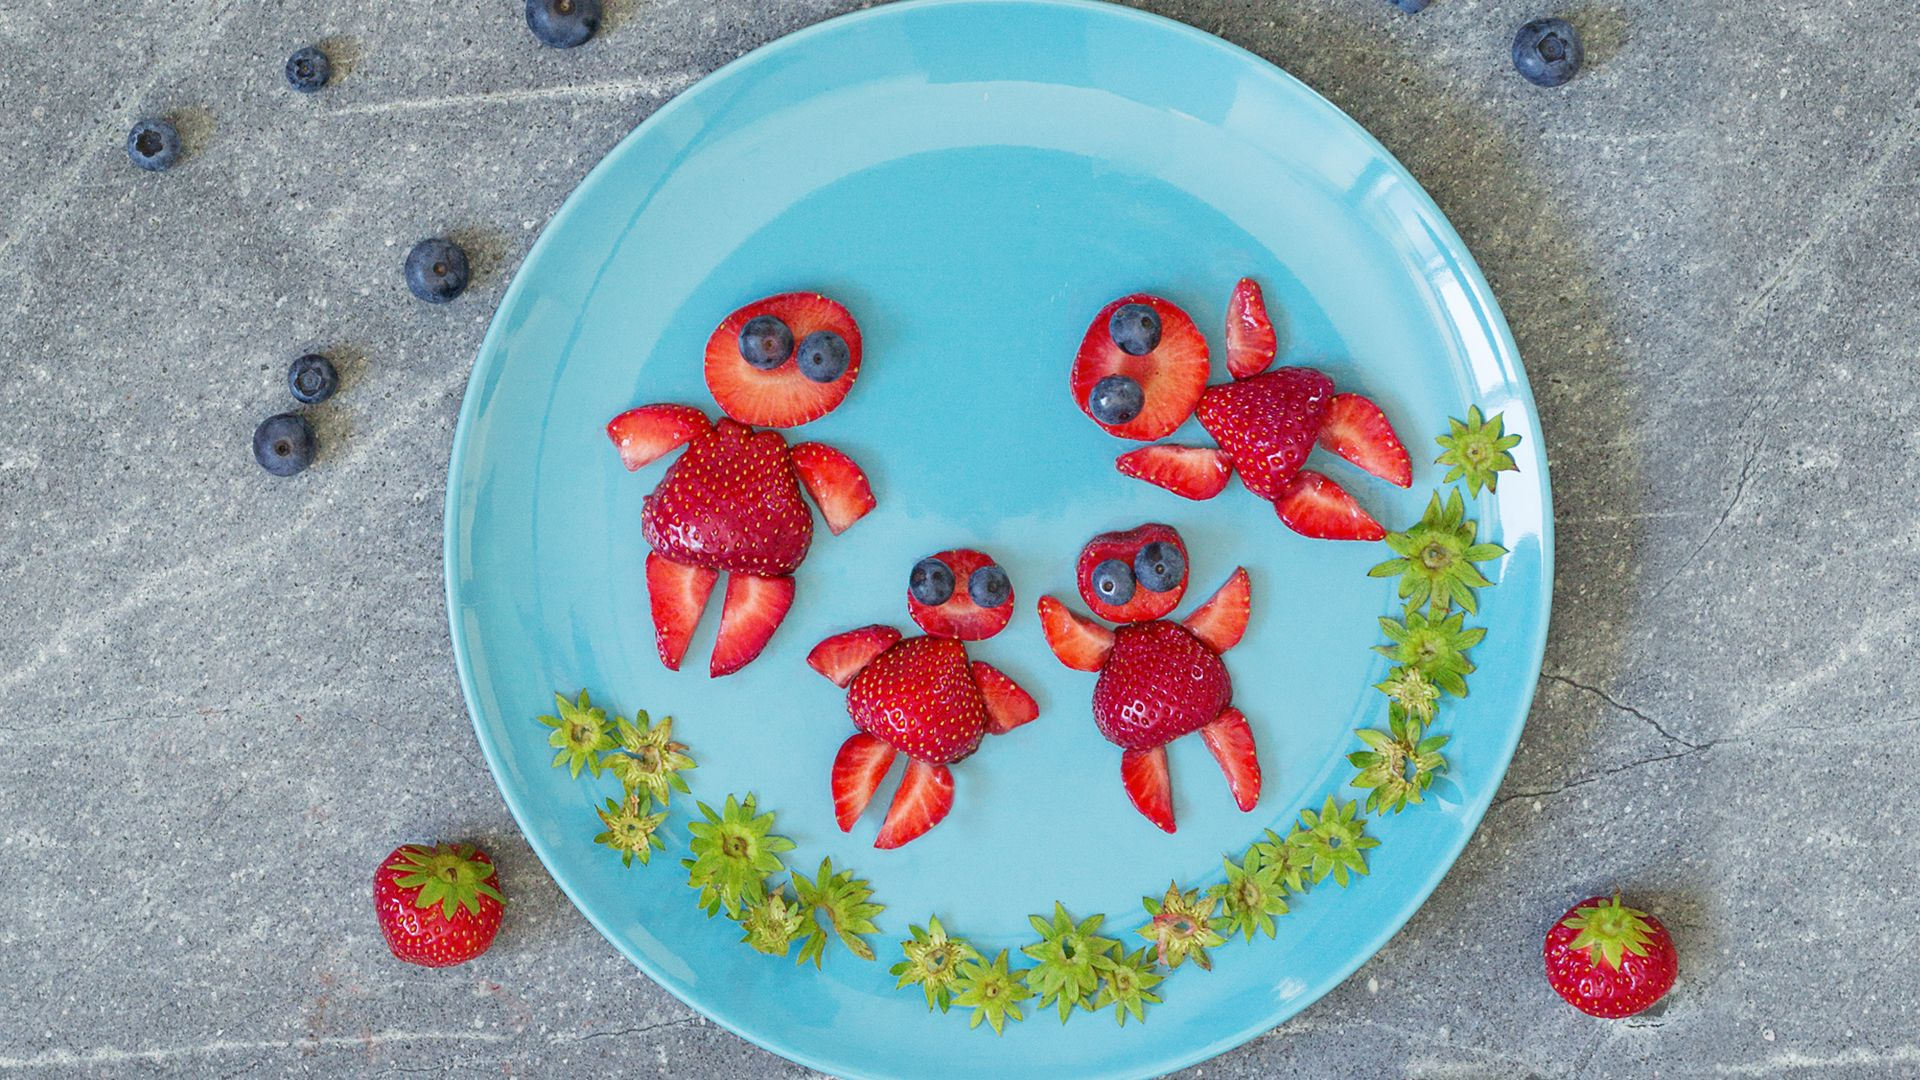 Erdbeerfamilie. Familie aus Erdbeeren mit Heidelbeeren als Augen